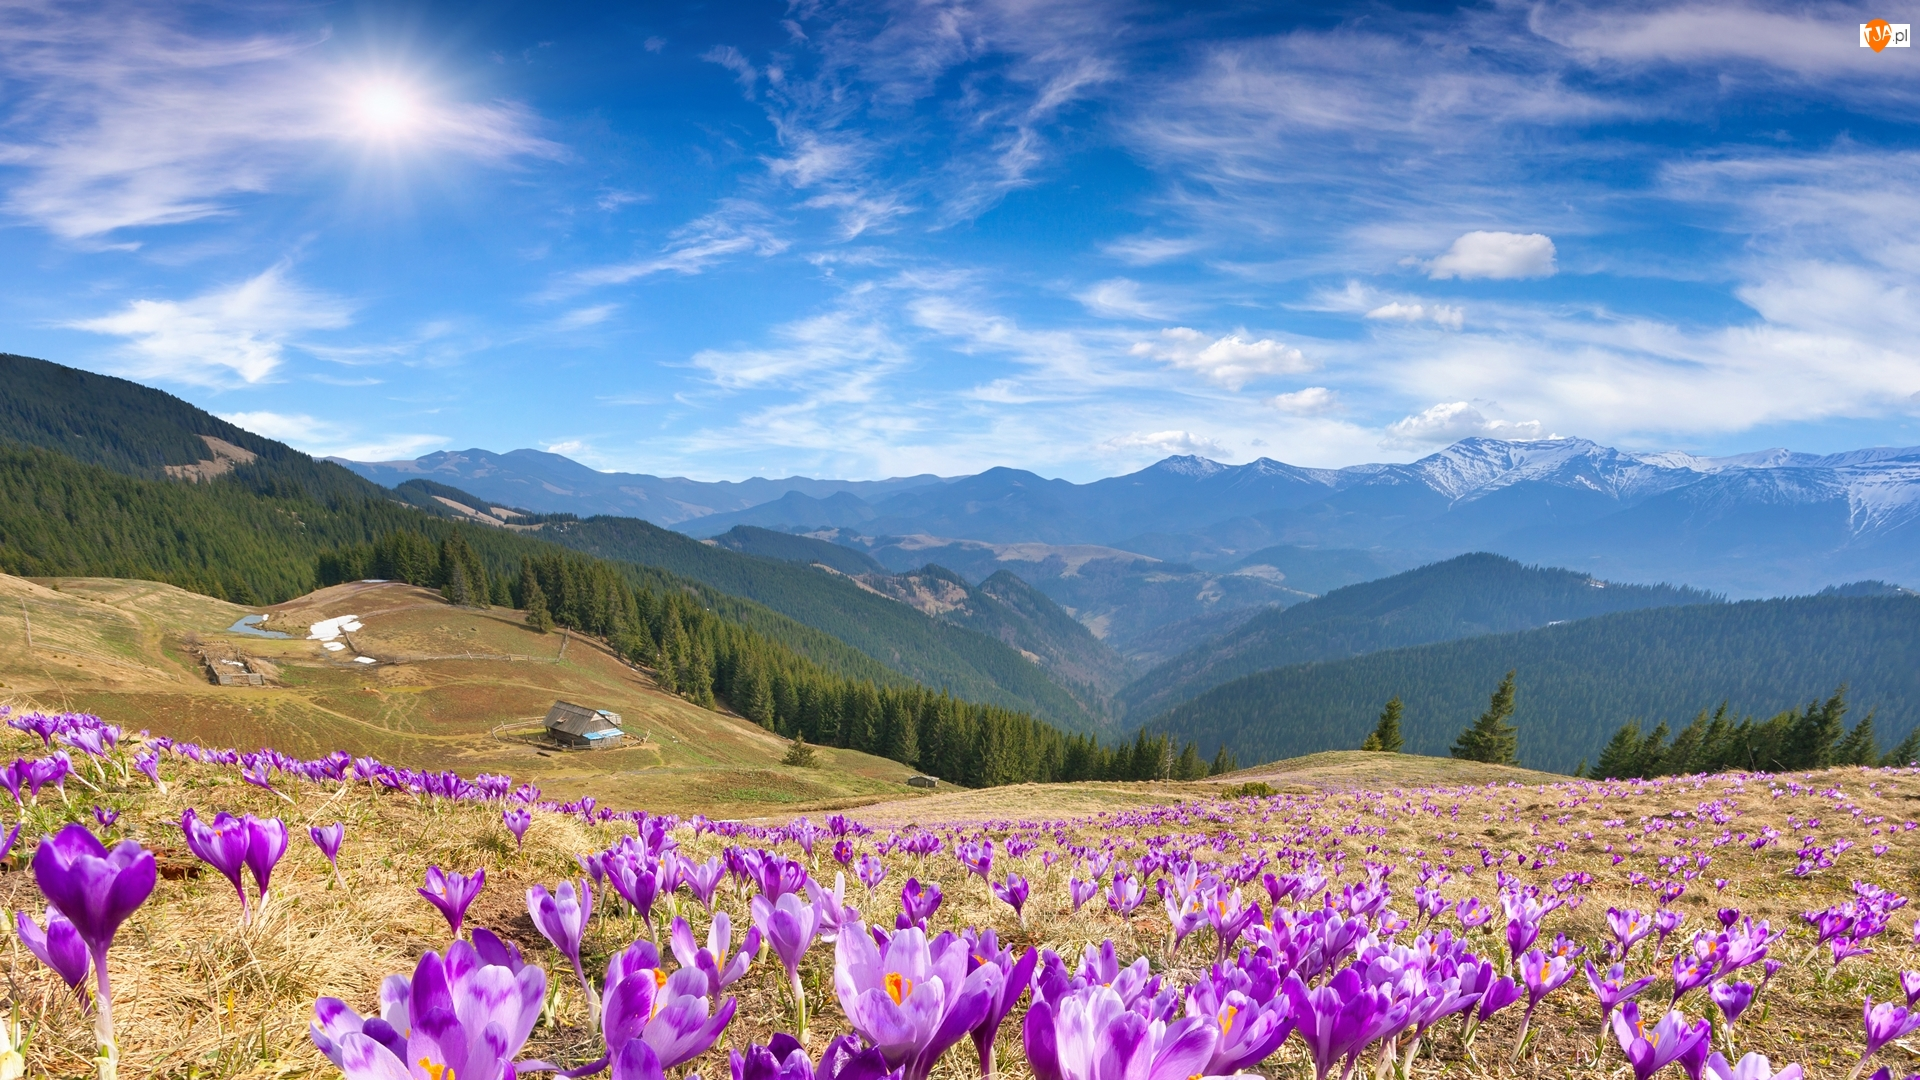 Polana, Łąka, Chmury, Góry, Promienie słońca, Domy, Krokusy